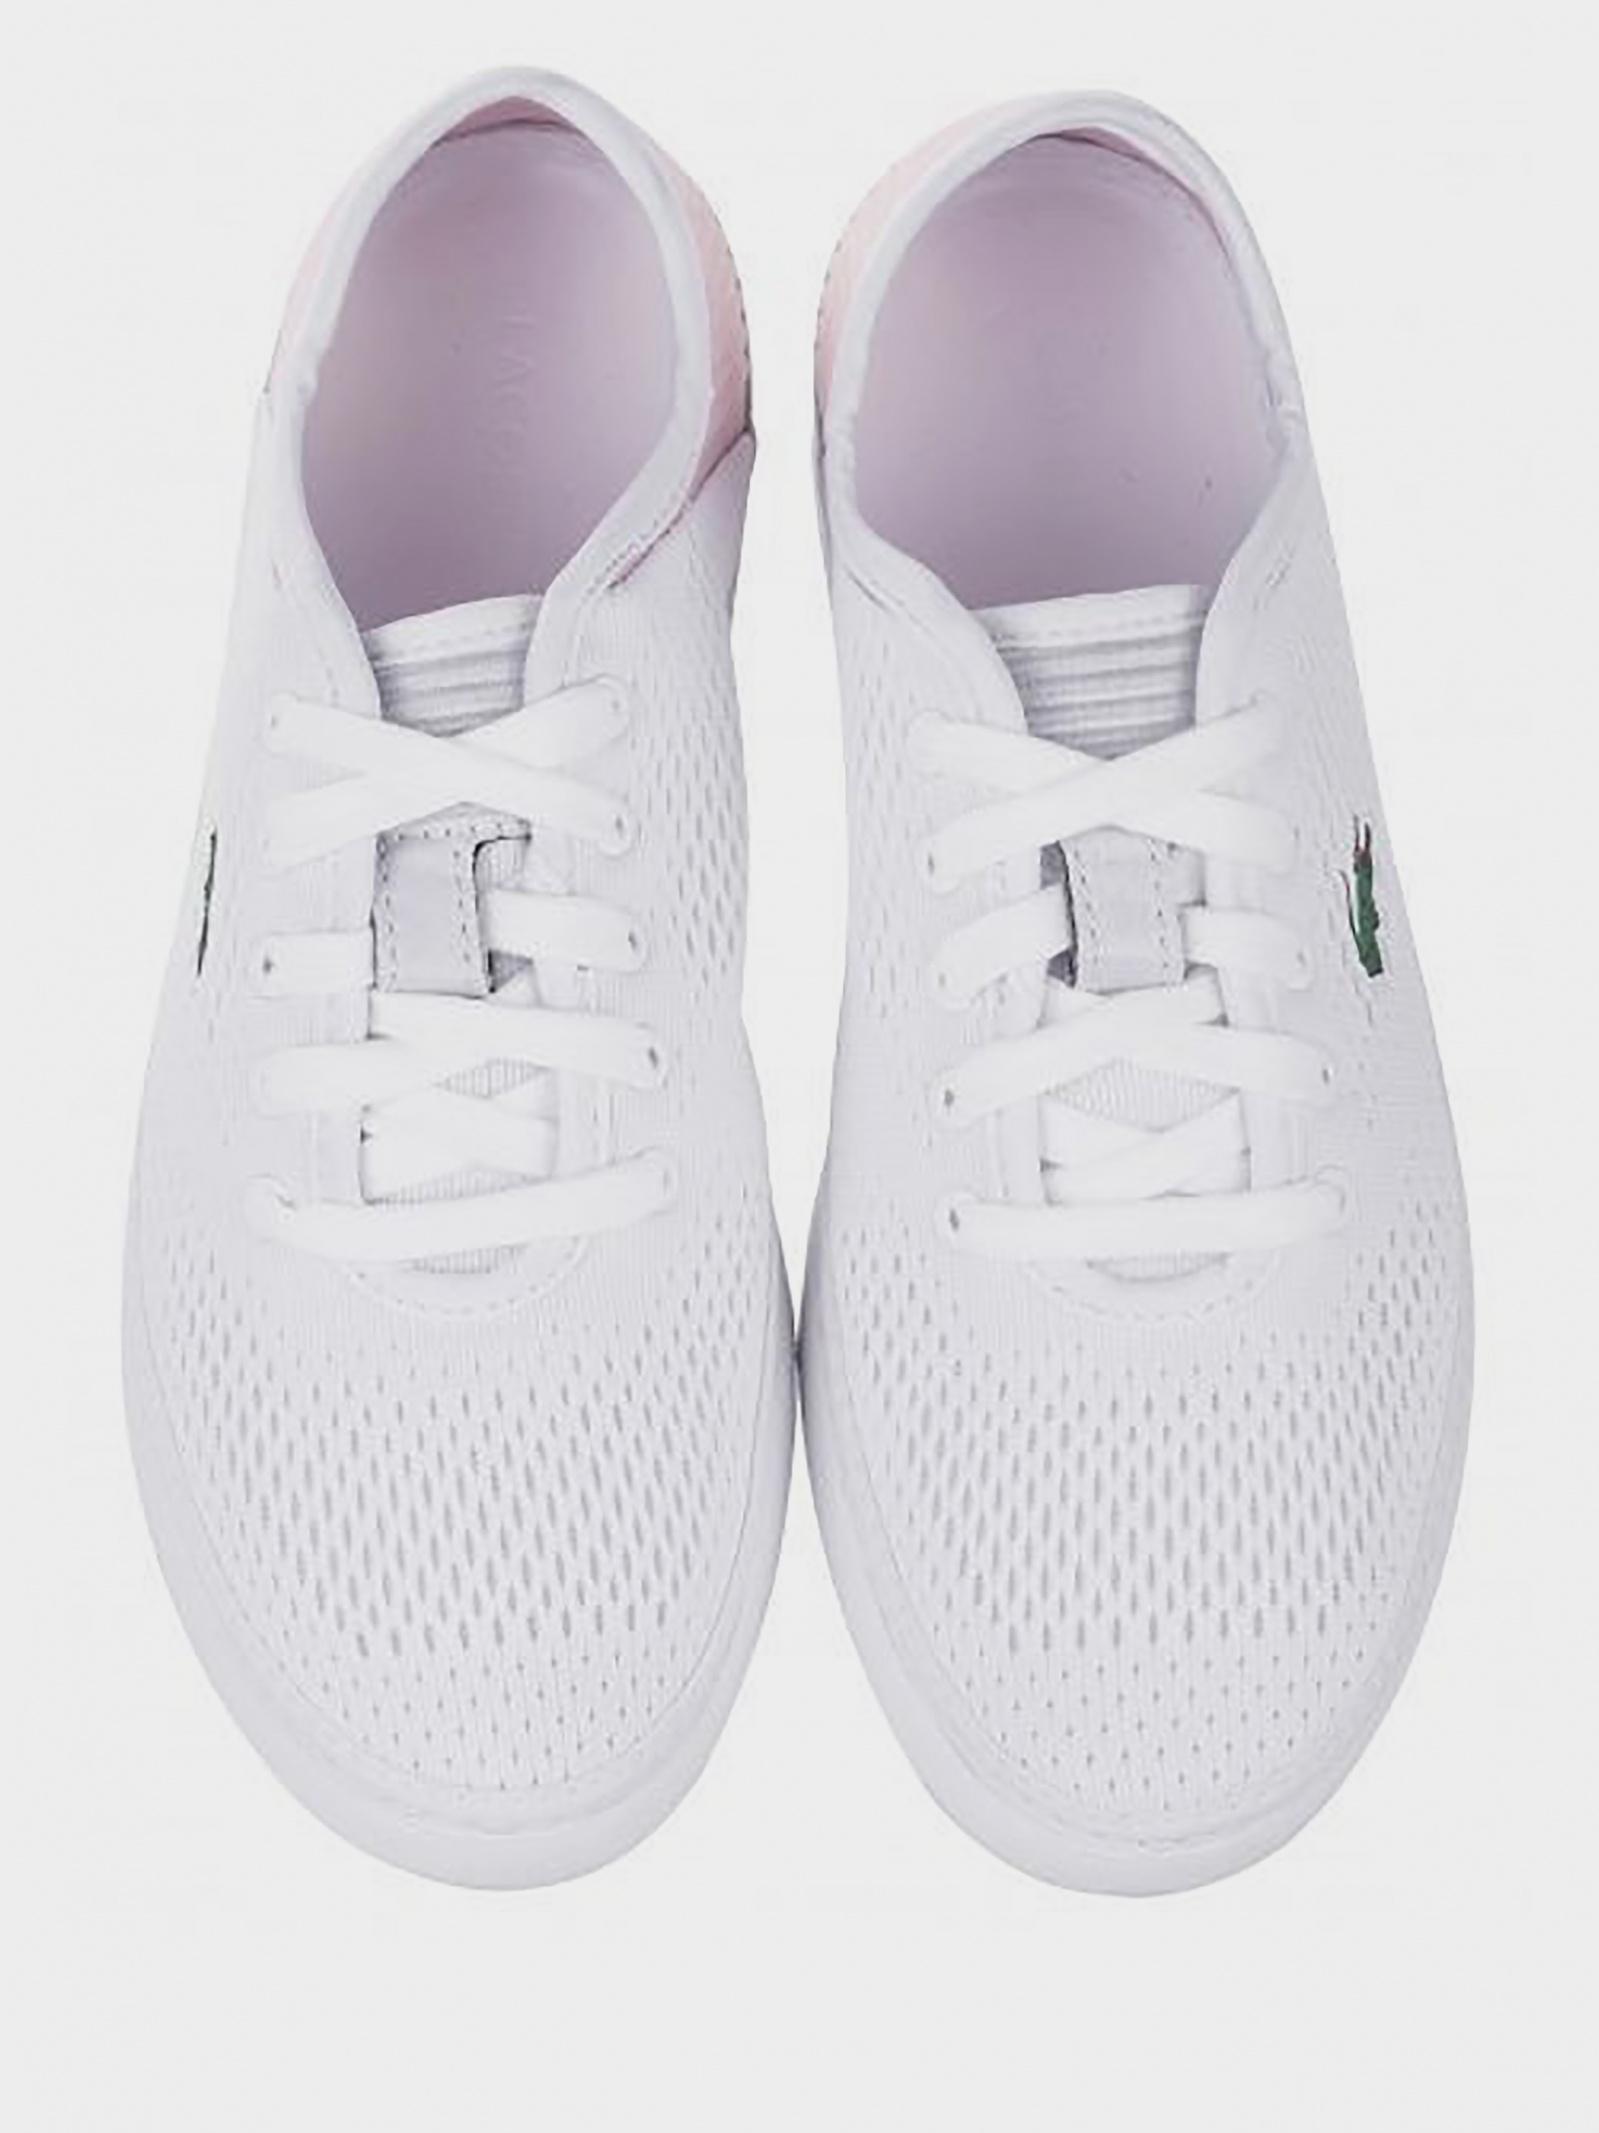 Кеды для женщин Lacoste 737CFA00231Y9 купить обувь, 2017